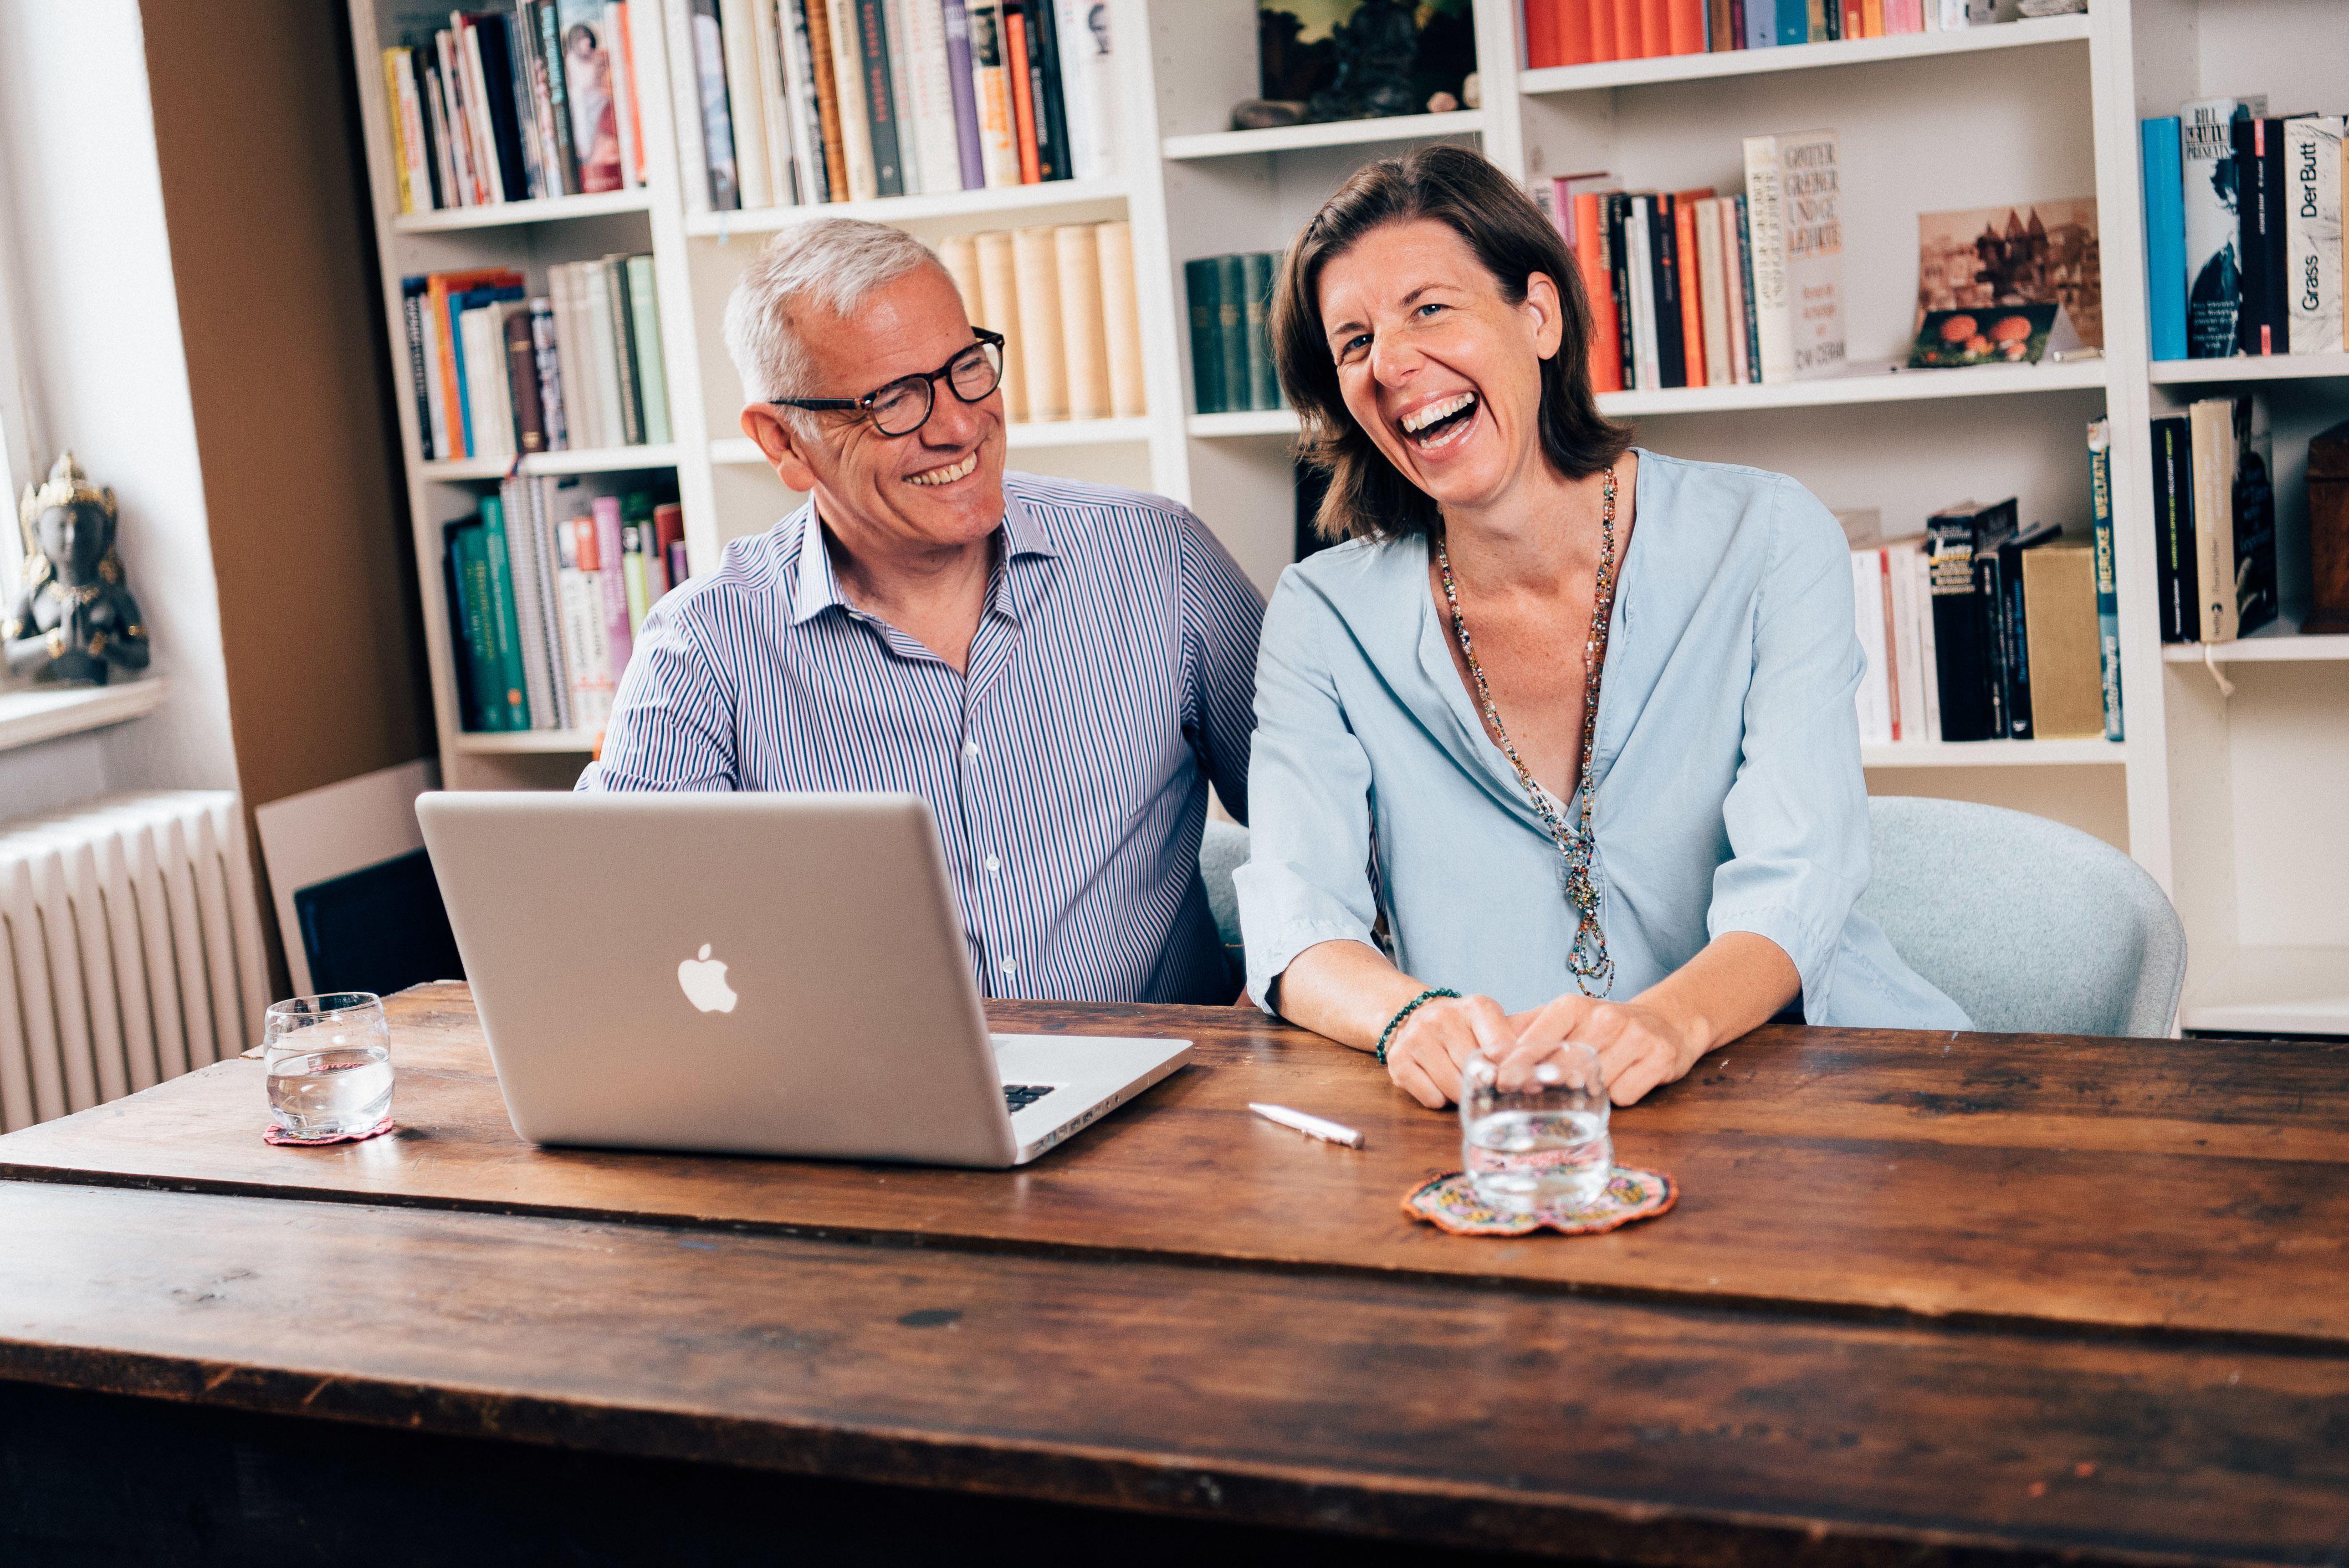 Trainer-Päarchen sitzt an einem Holztisch mit Laptop und Bücherwand und lacht in die Kamera